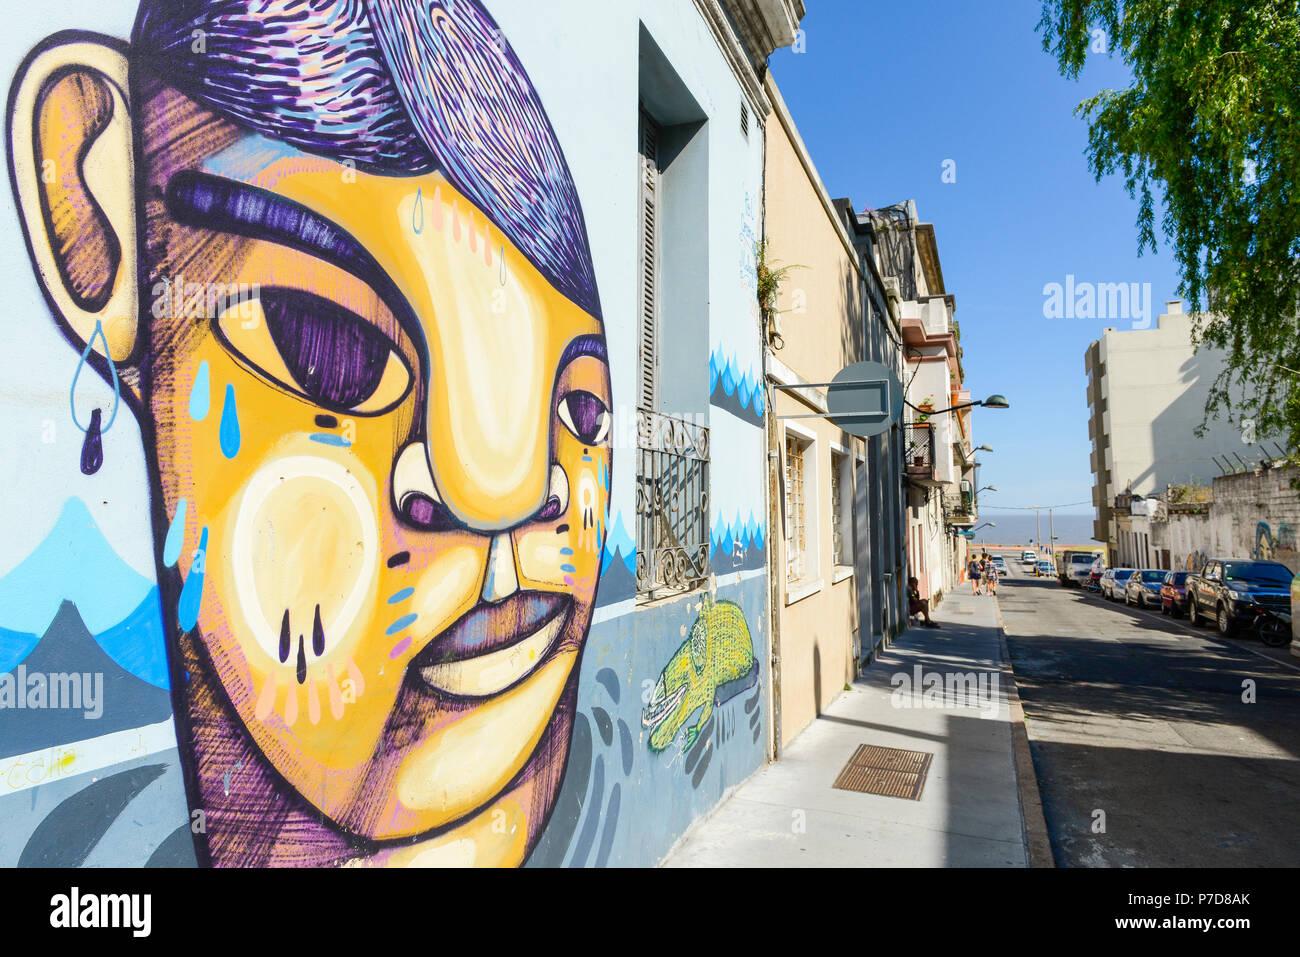 Graffiti, wandbild an der Wand eines Colonial House, Montevideo, Uruguay Stockbild